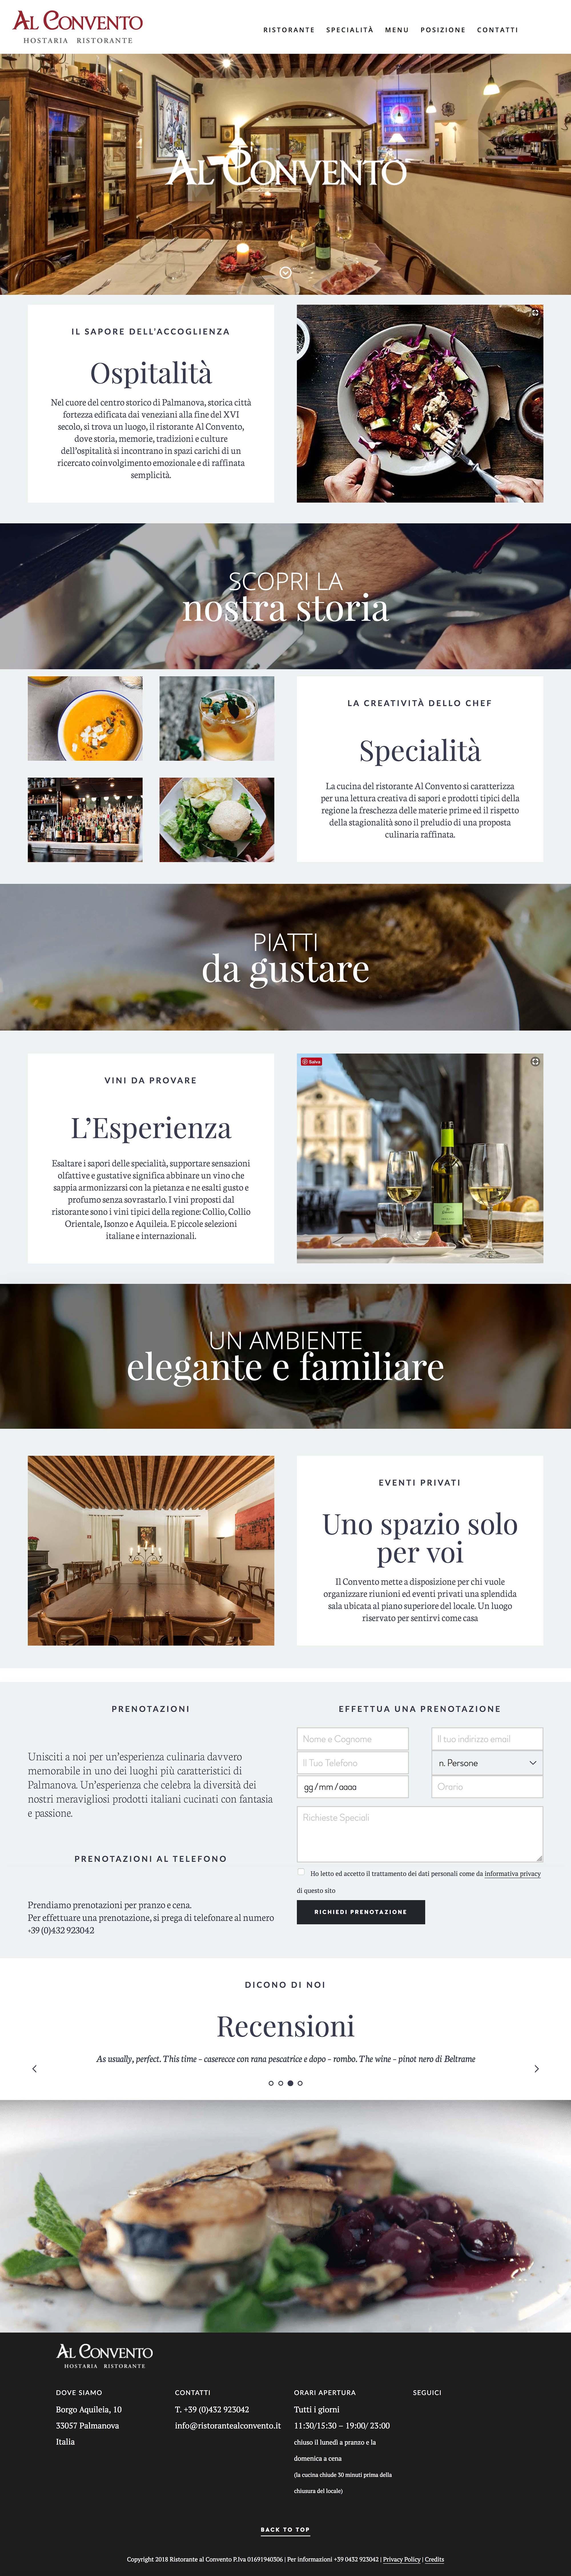 sito_alconvento_home